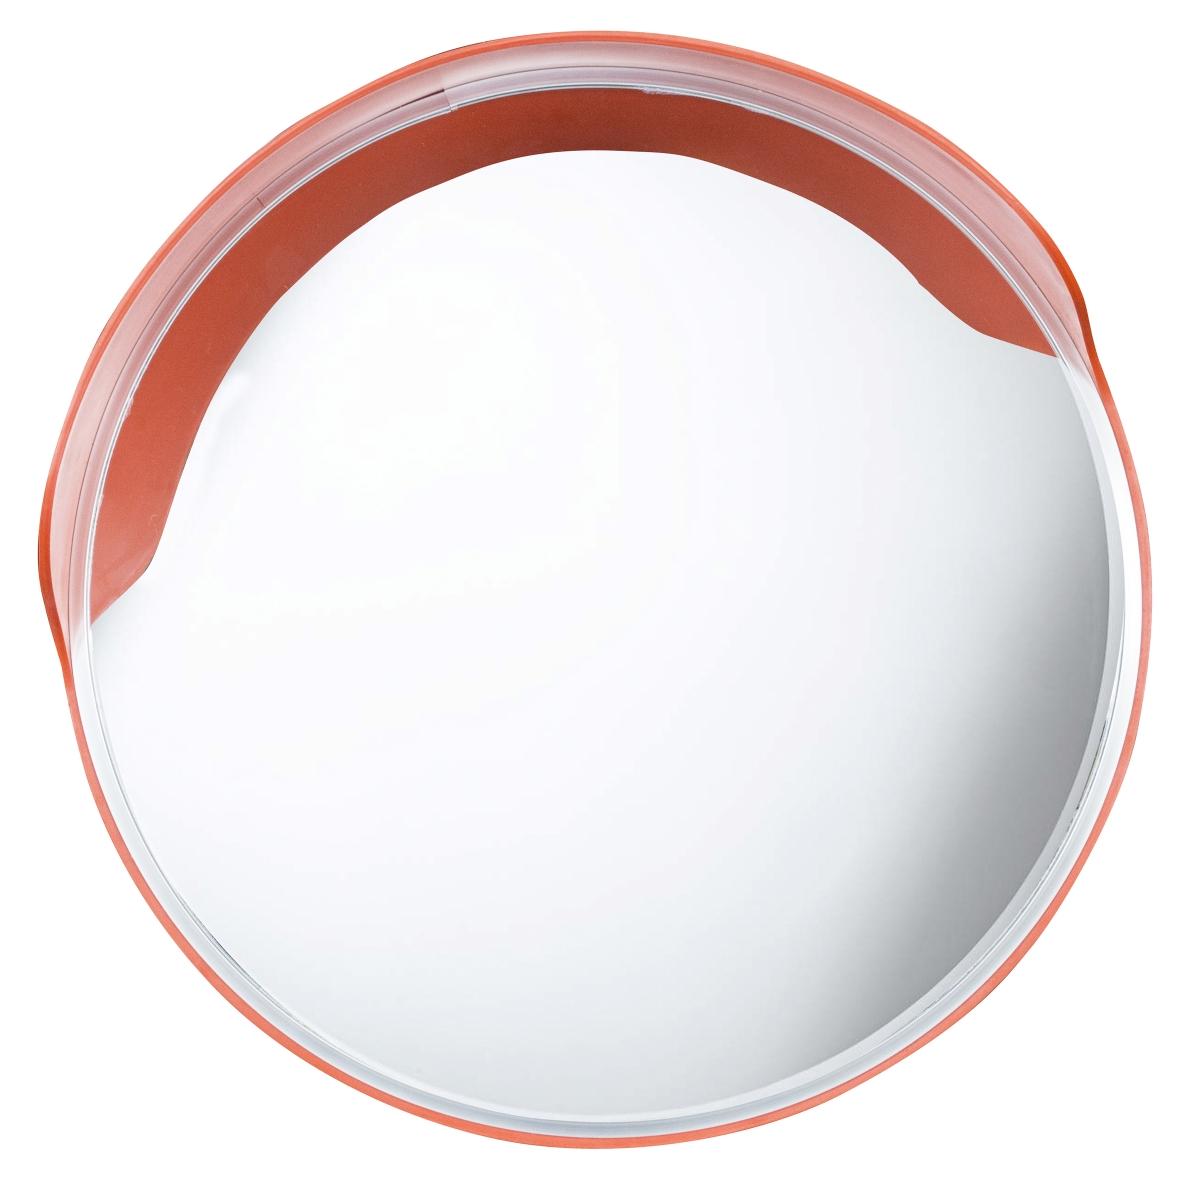 24 inch Convex Safety Mirror